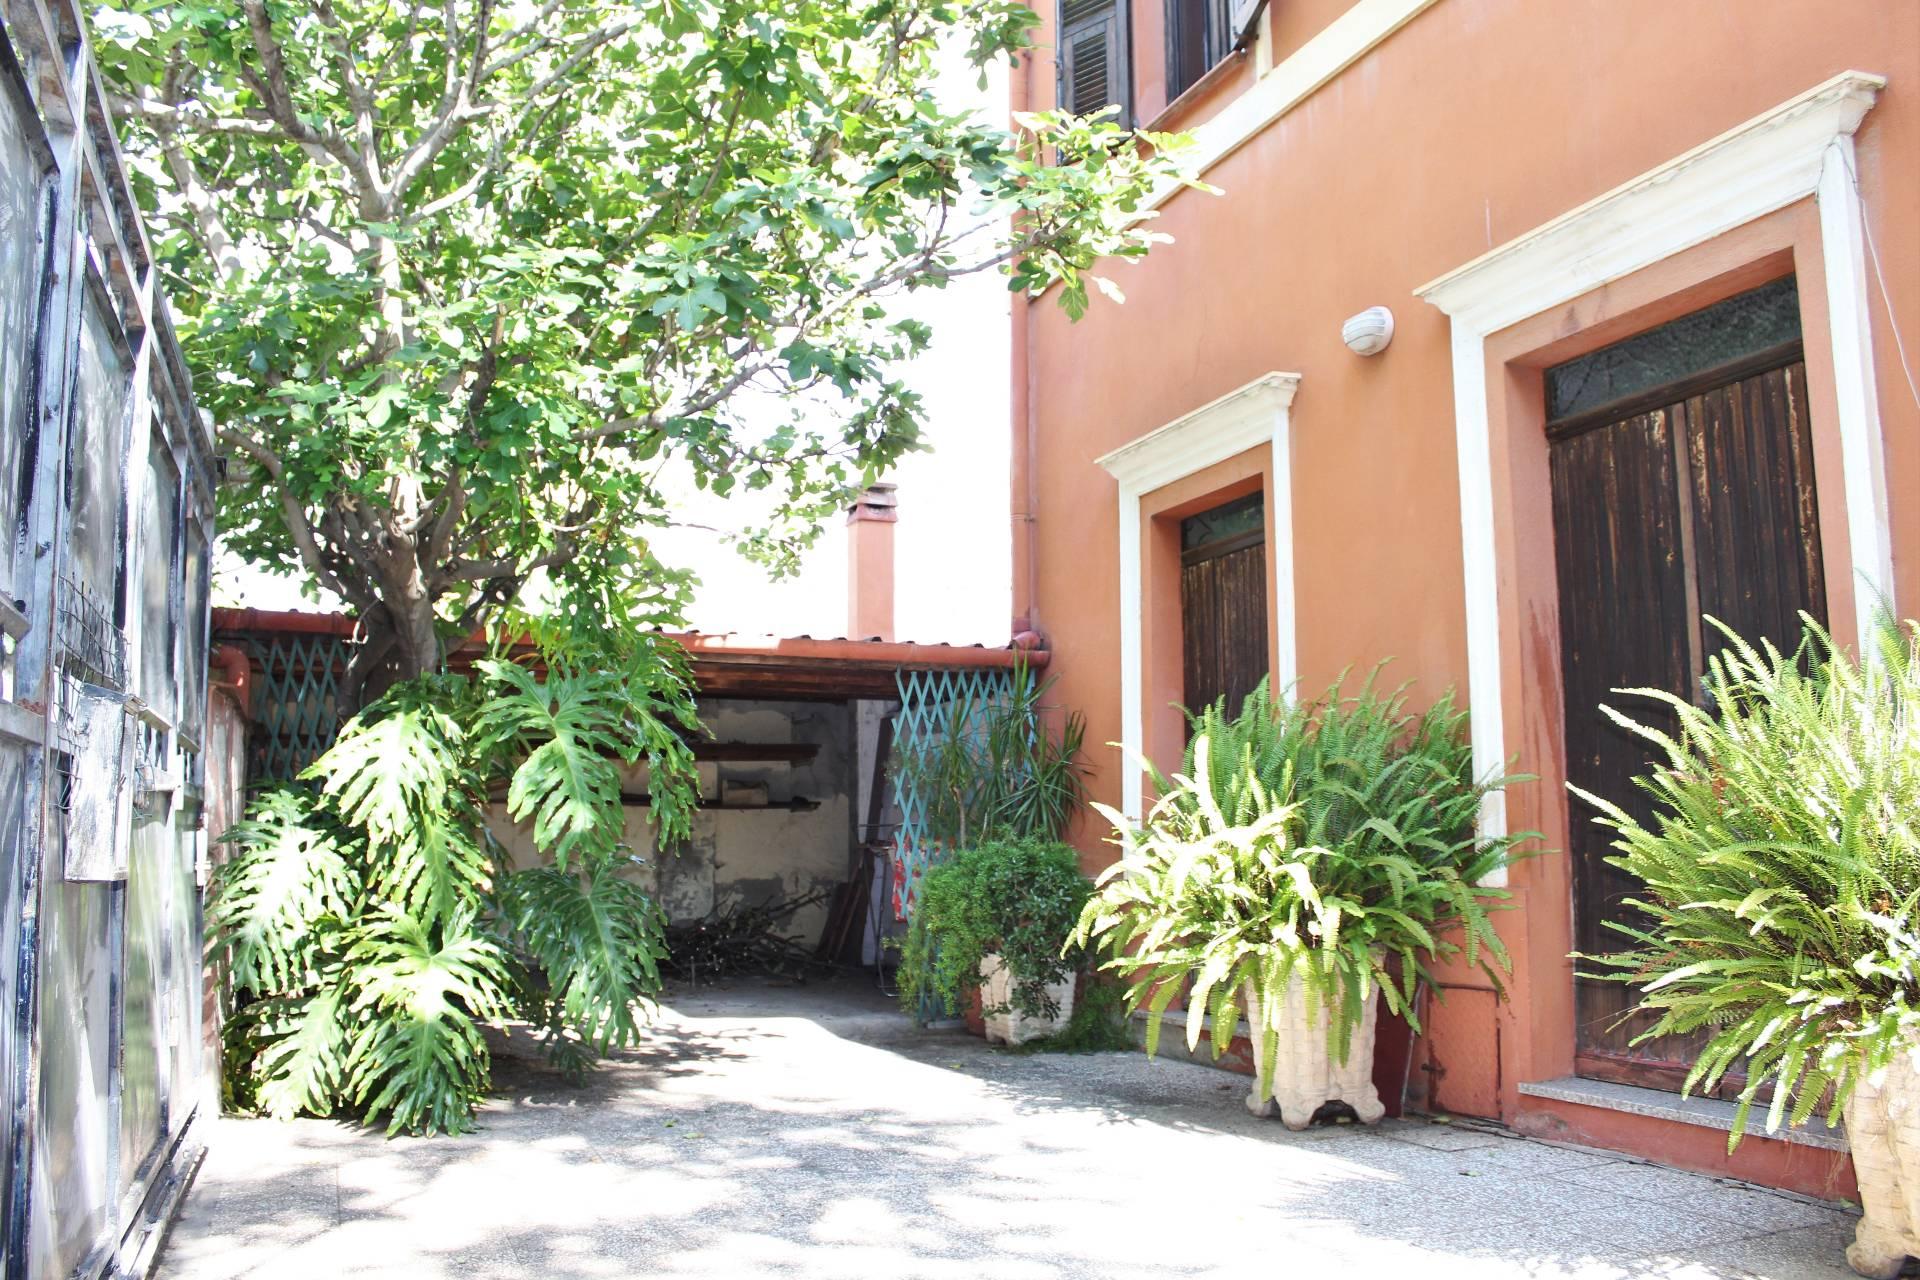 Villa in vendita a Cagliari, 11 locali, zona Zona: Fonsarda, prezzo € 1.200.000 | Cambio Casa.it